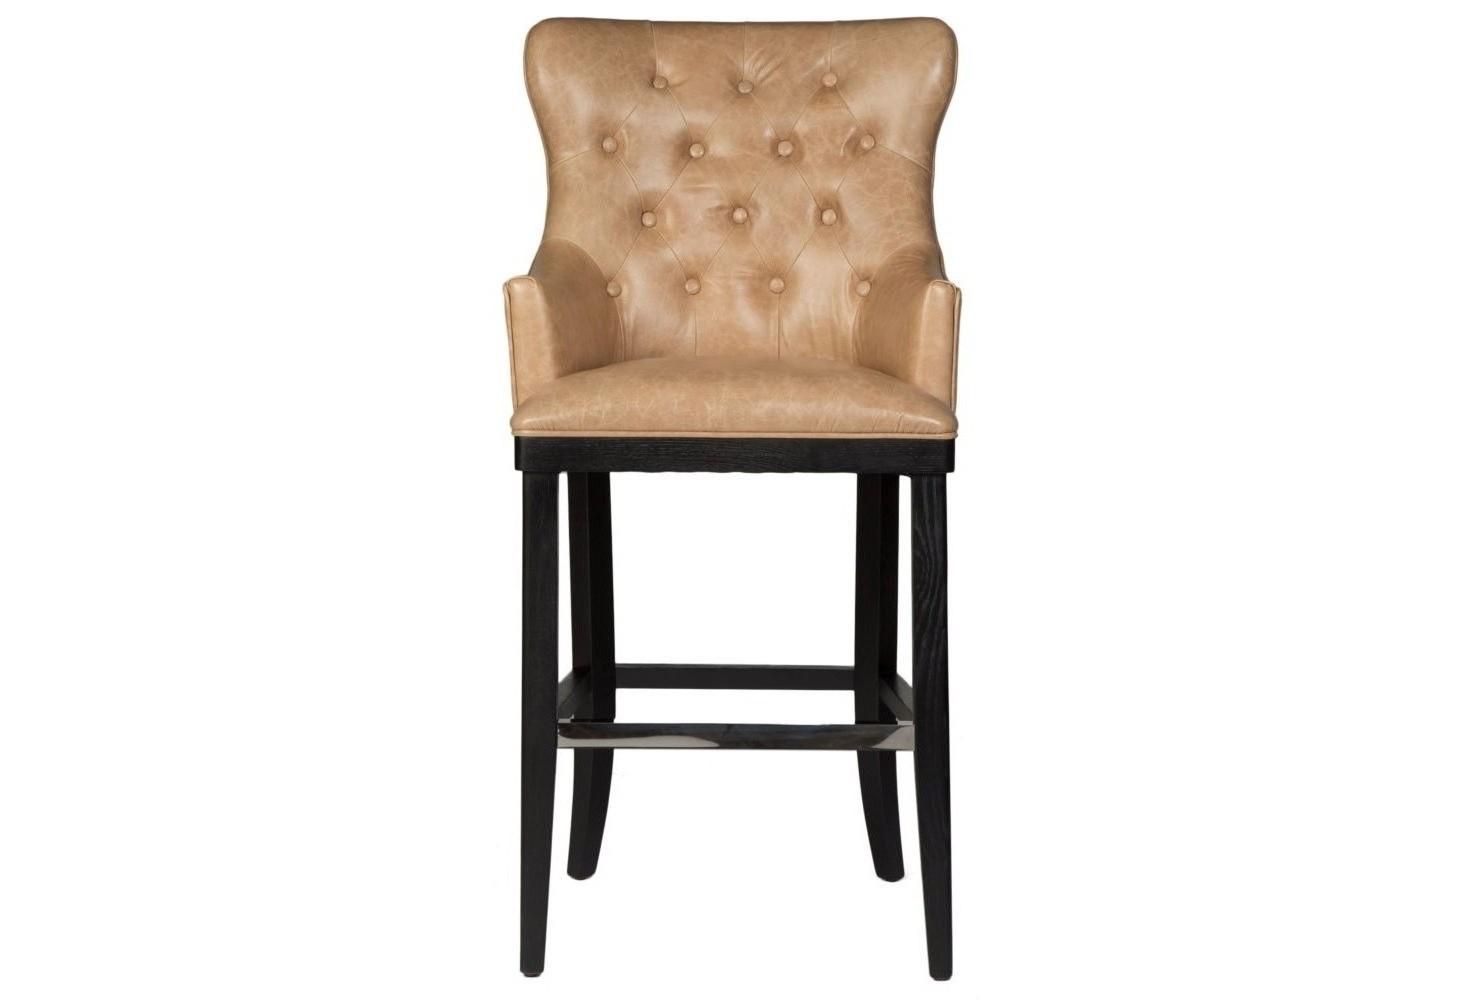 Стул барный DiamondБарные стулья<br>В этом элегантном высоком стуле дизайнерам мастерски удалось передать атмосферу нью-йоркского бара, в который любят заглянуть представители золотого бомонда. Коричневая кожа, стильная отделка и строгие деревянные ножки – он просто создан для того, чтобы сделать Ваш дом стильным и экстравагантным.<br><br>Material: Кожа<br>Width см: 61<br>Depth см: 68<br>Height см: 123